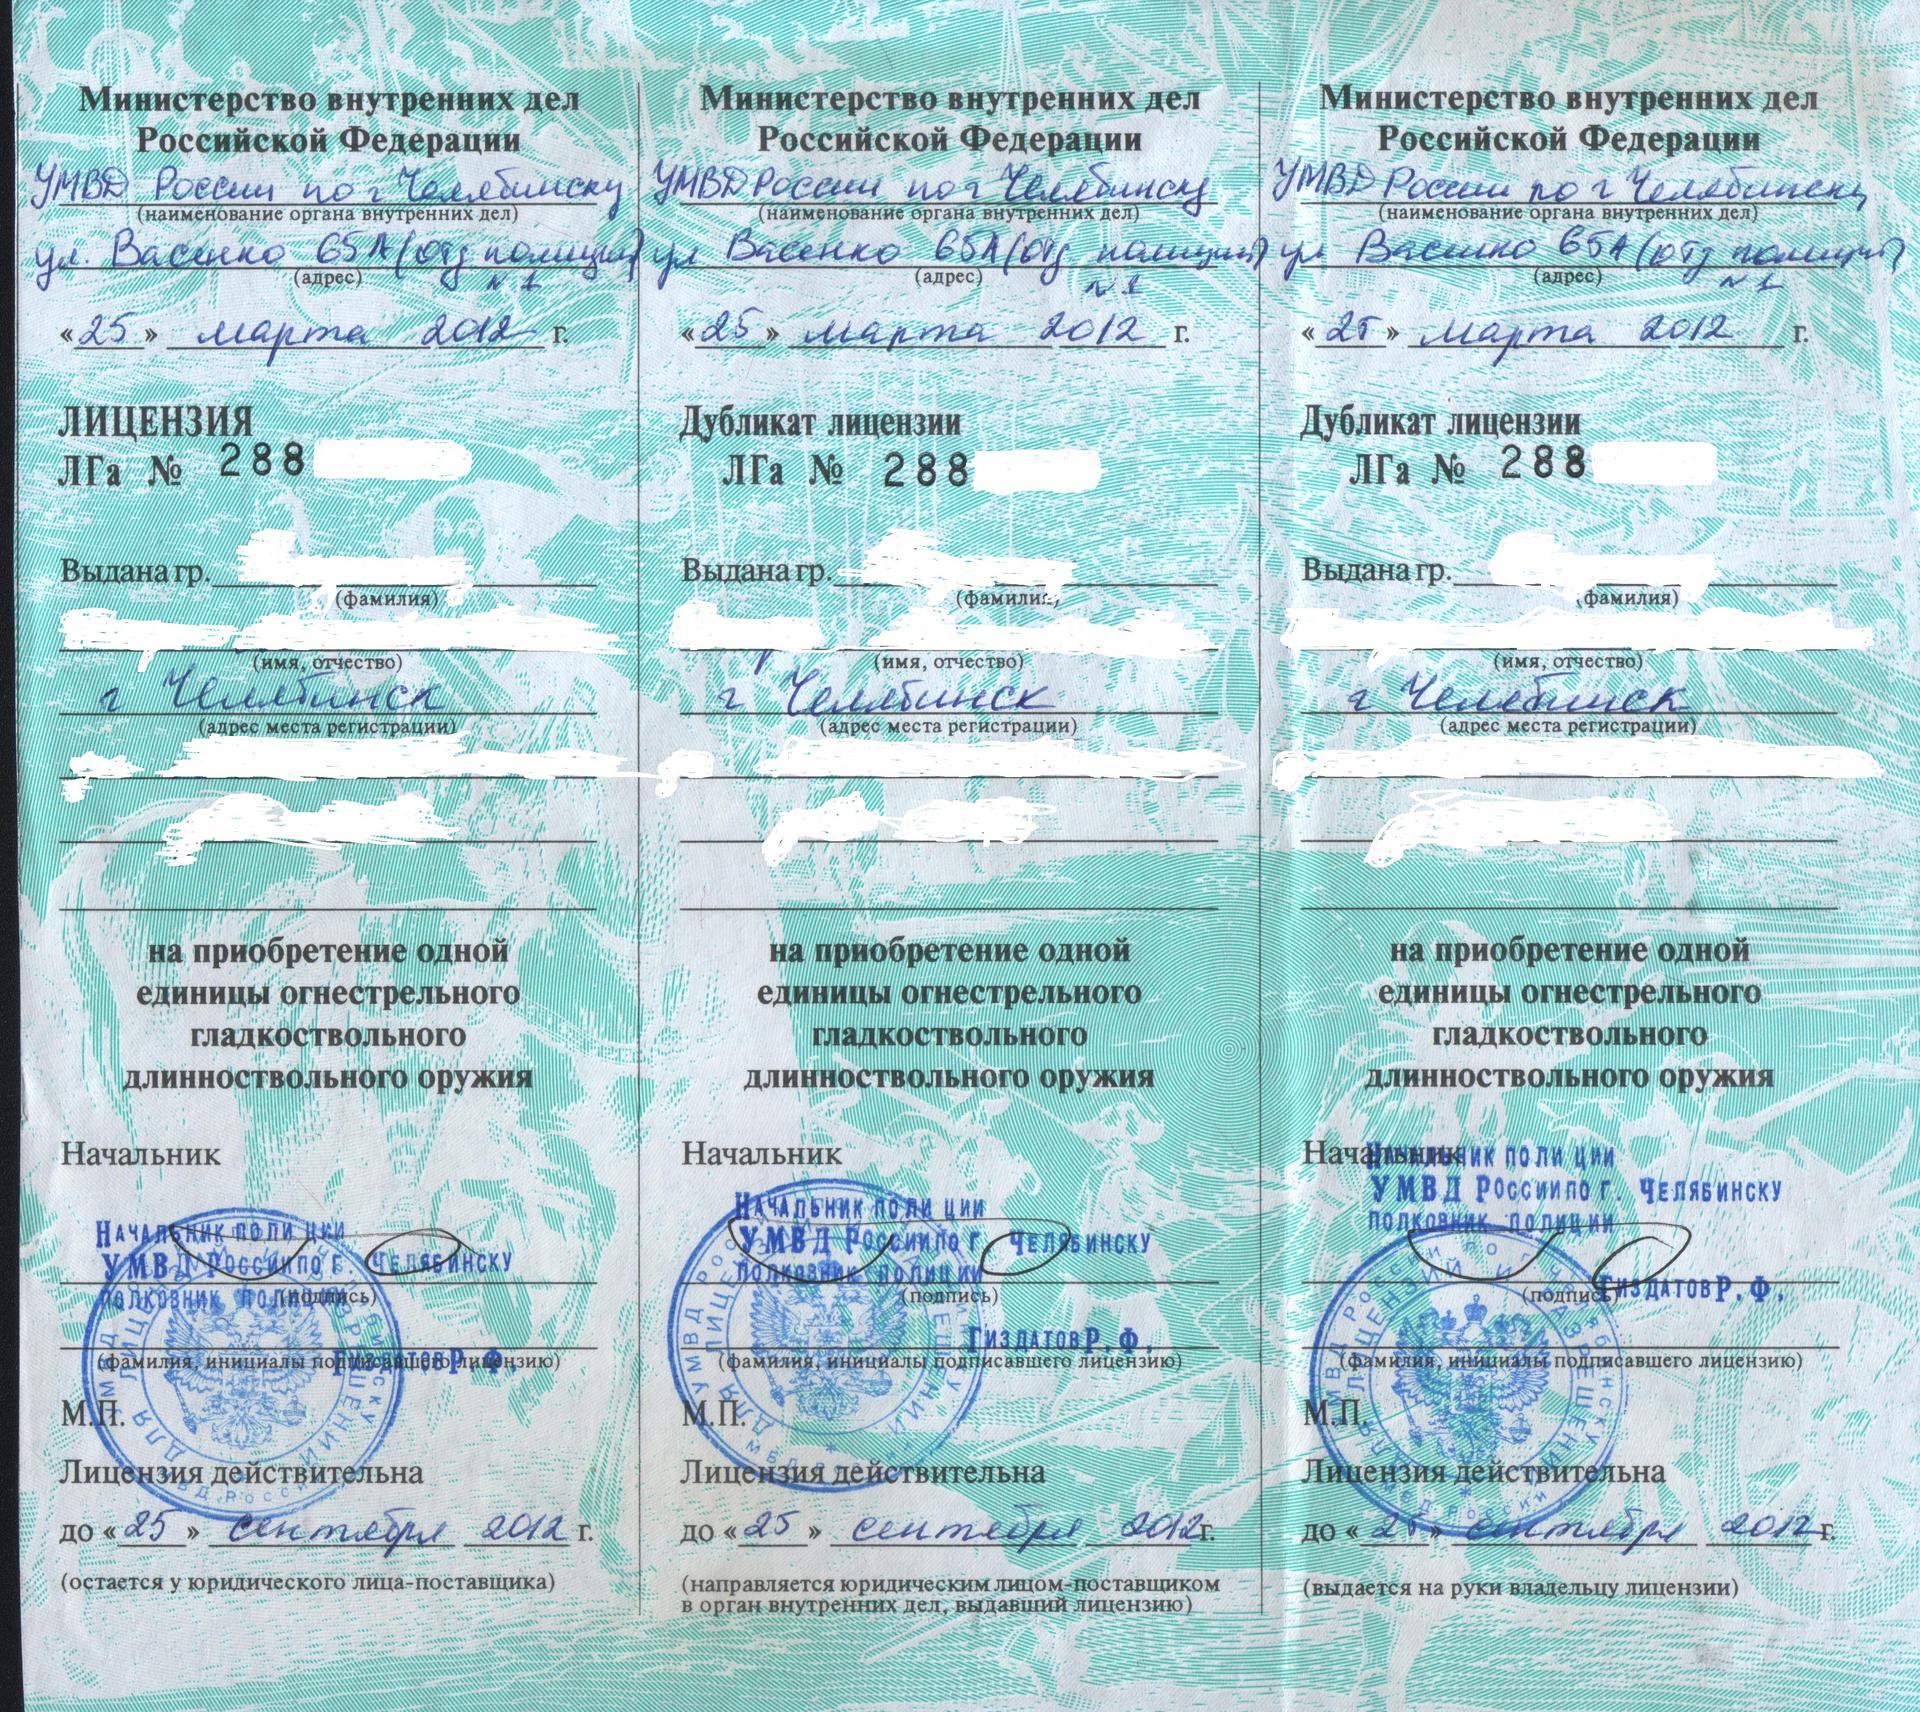 Разрешение на получение охотничьего оружия лицензия и документы